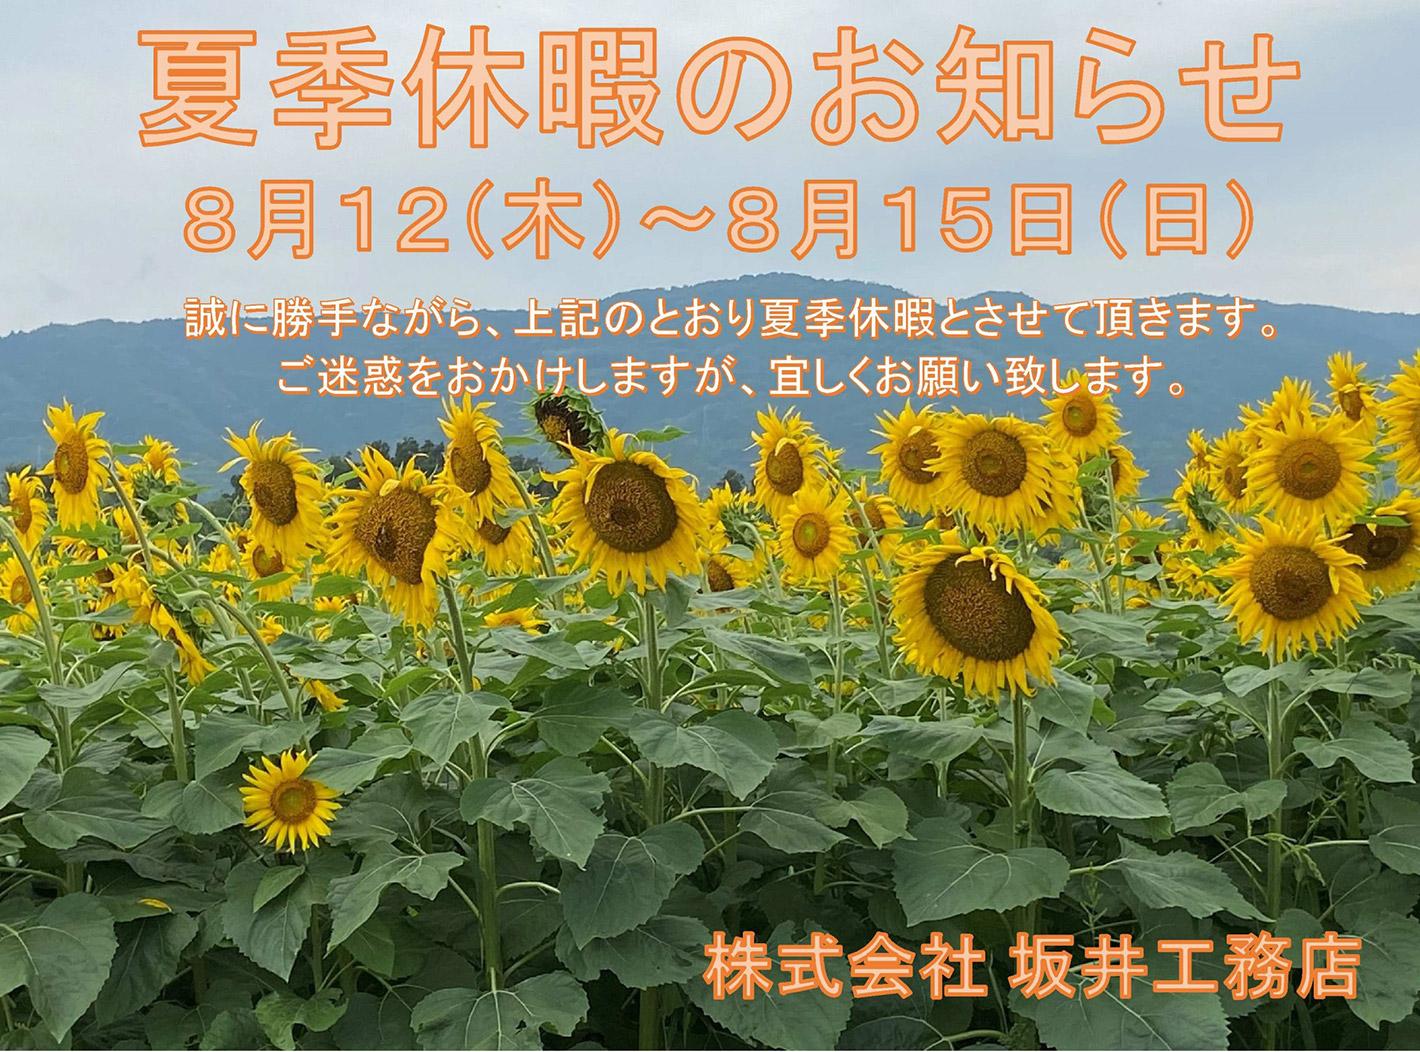 夏季休暇のお知らせ 2020年8月12日(木) 〜 8月15日(日)